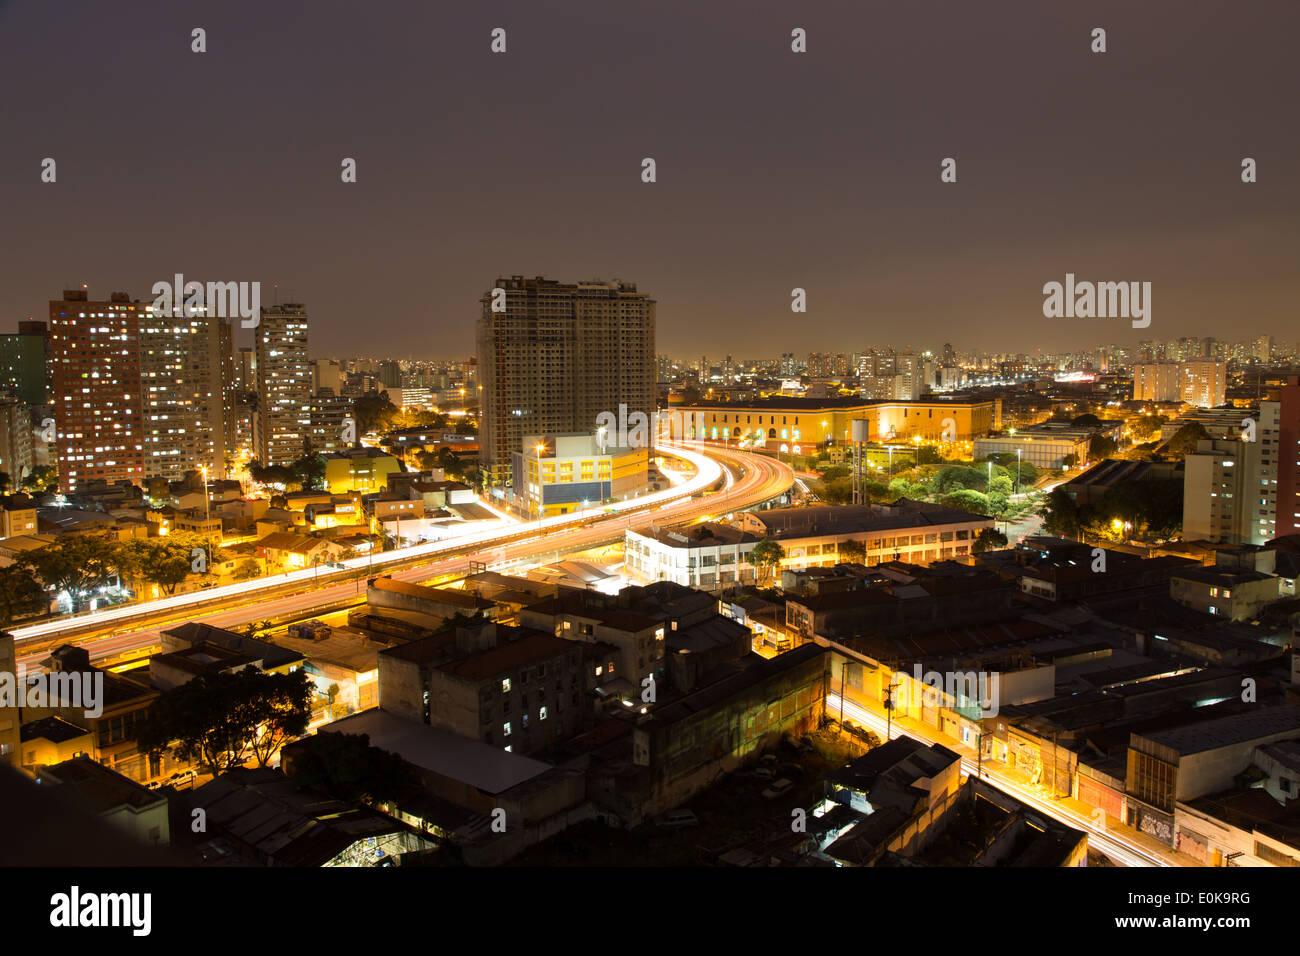 Vista aerea della città di notte, Viaduto do Glicerio (Glicerio viadotto) o Viaduto Leste-Oeste (est-ovest del viadotto), quartiere Liberdade, Sao Paulo Immagini Stock